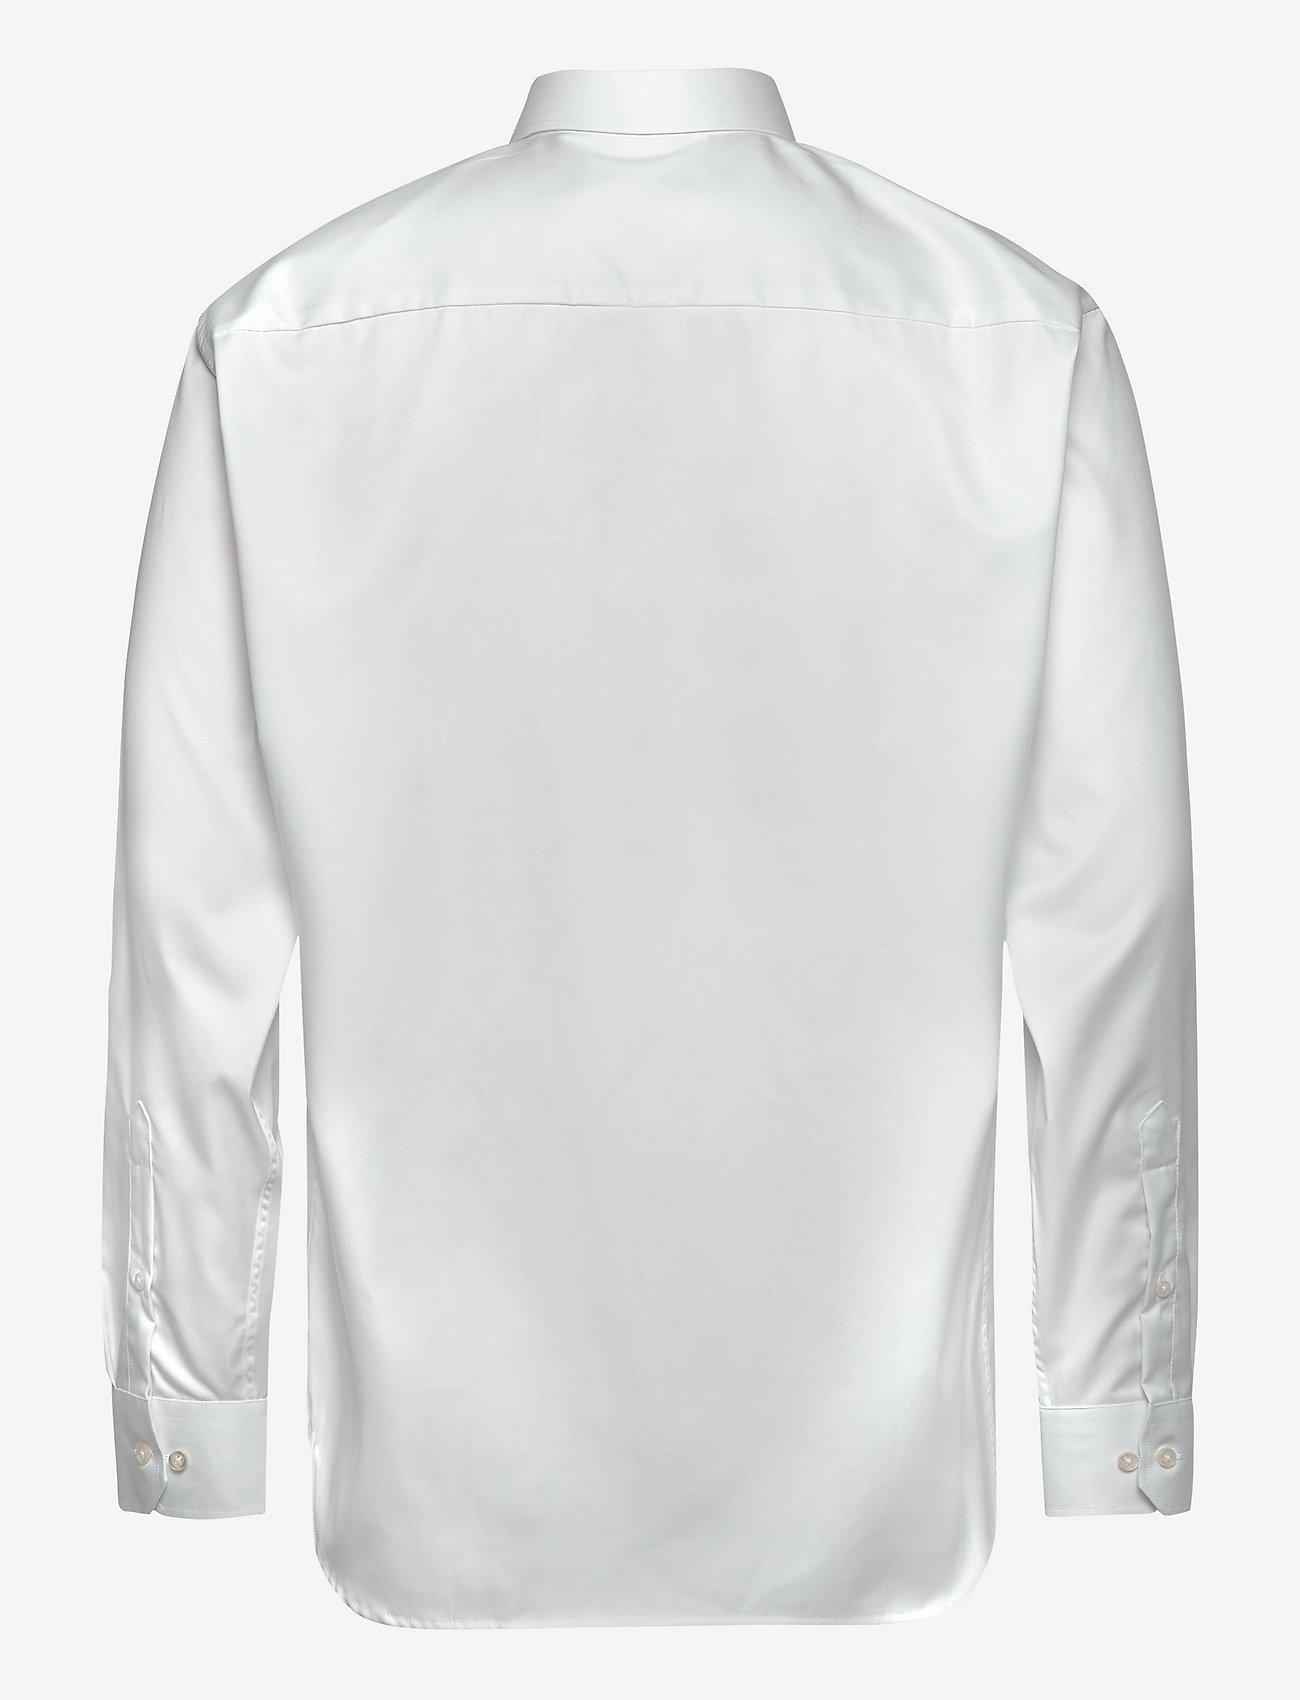 Bosweel Heavy twill - Skjorter WHITE - Menn Klær